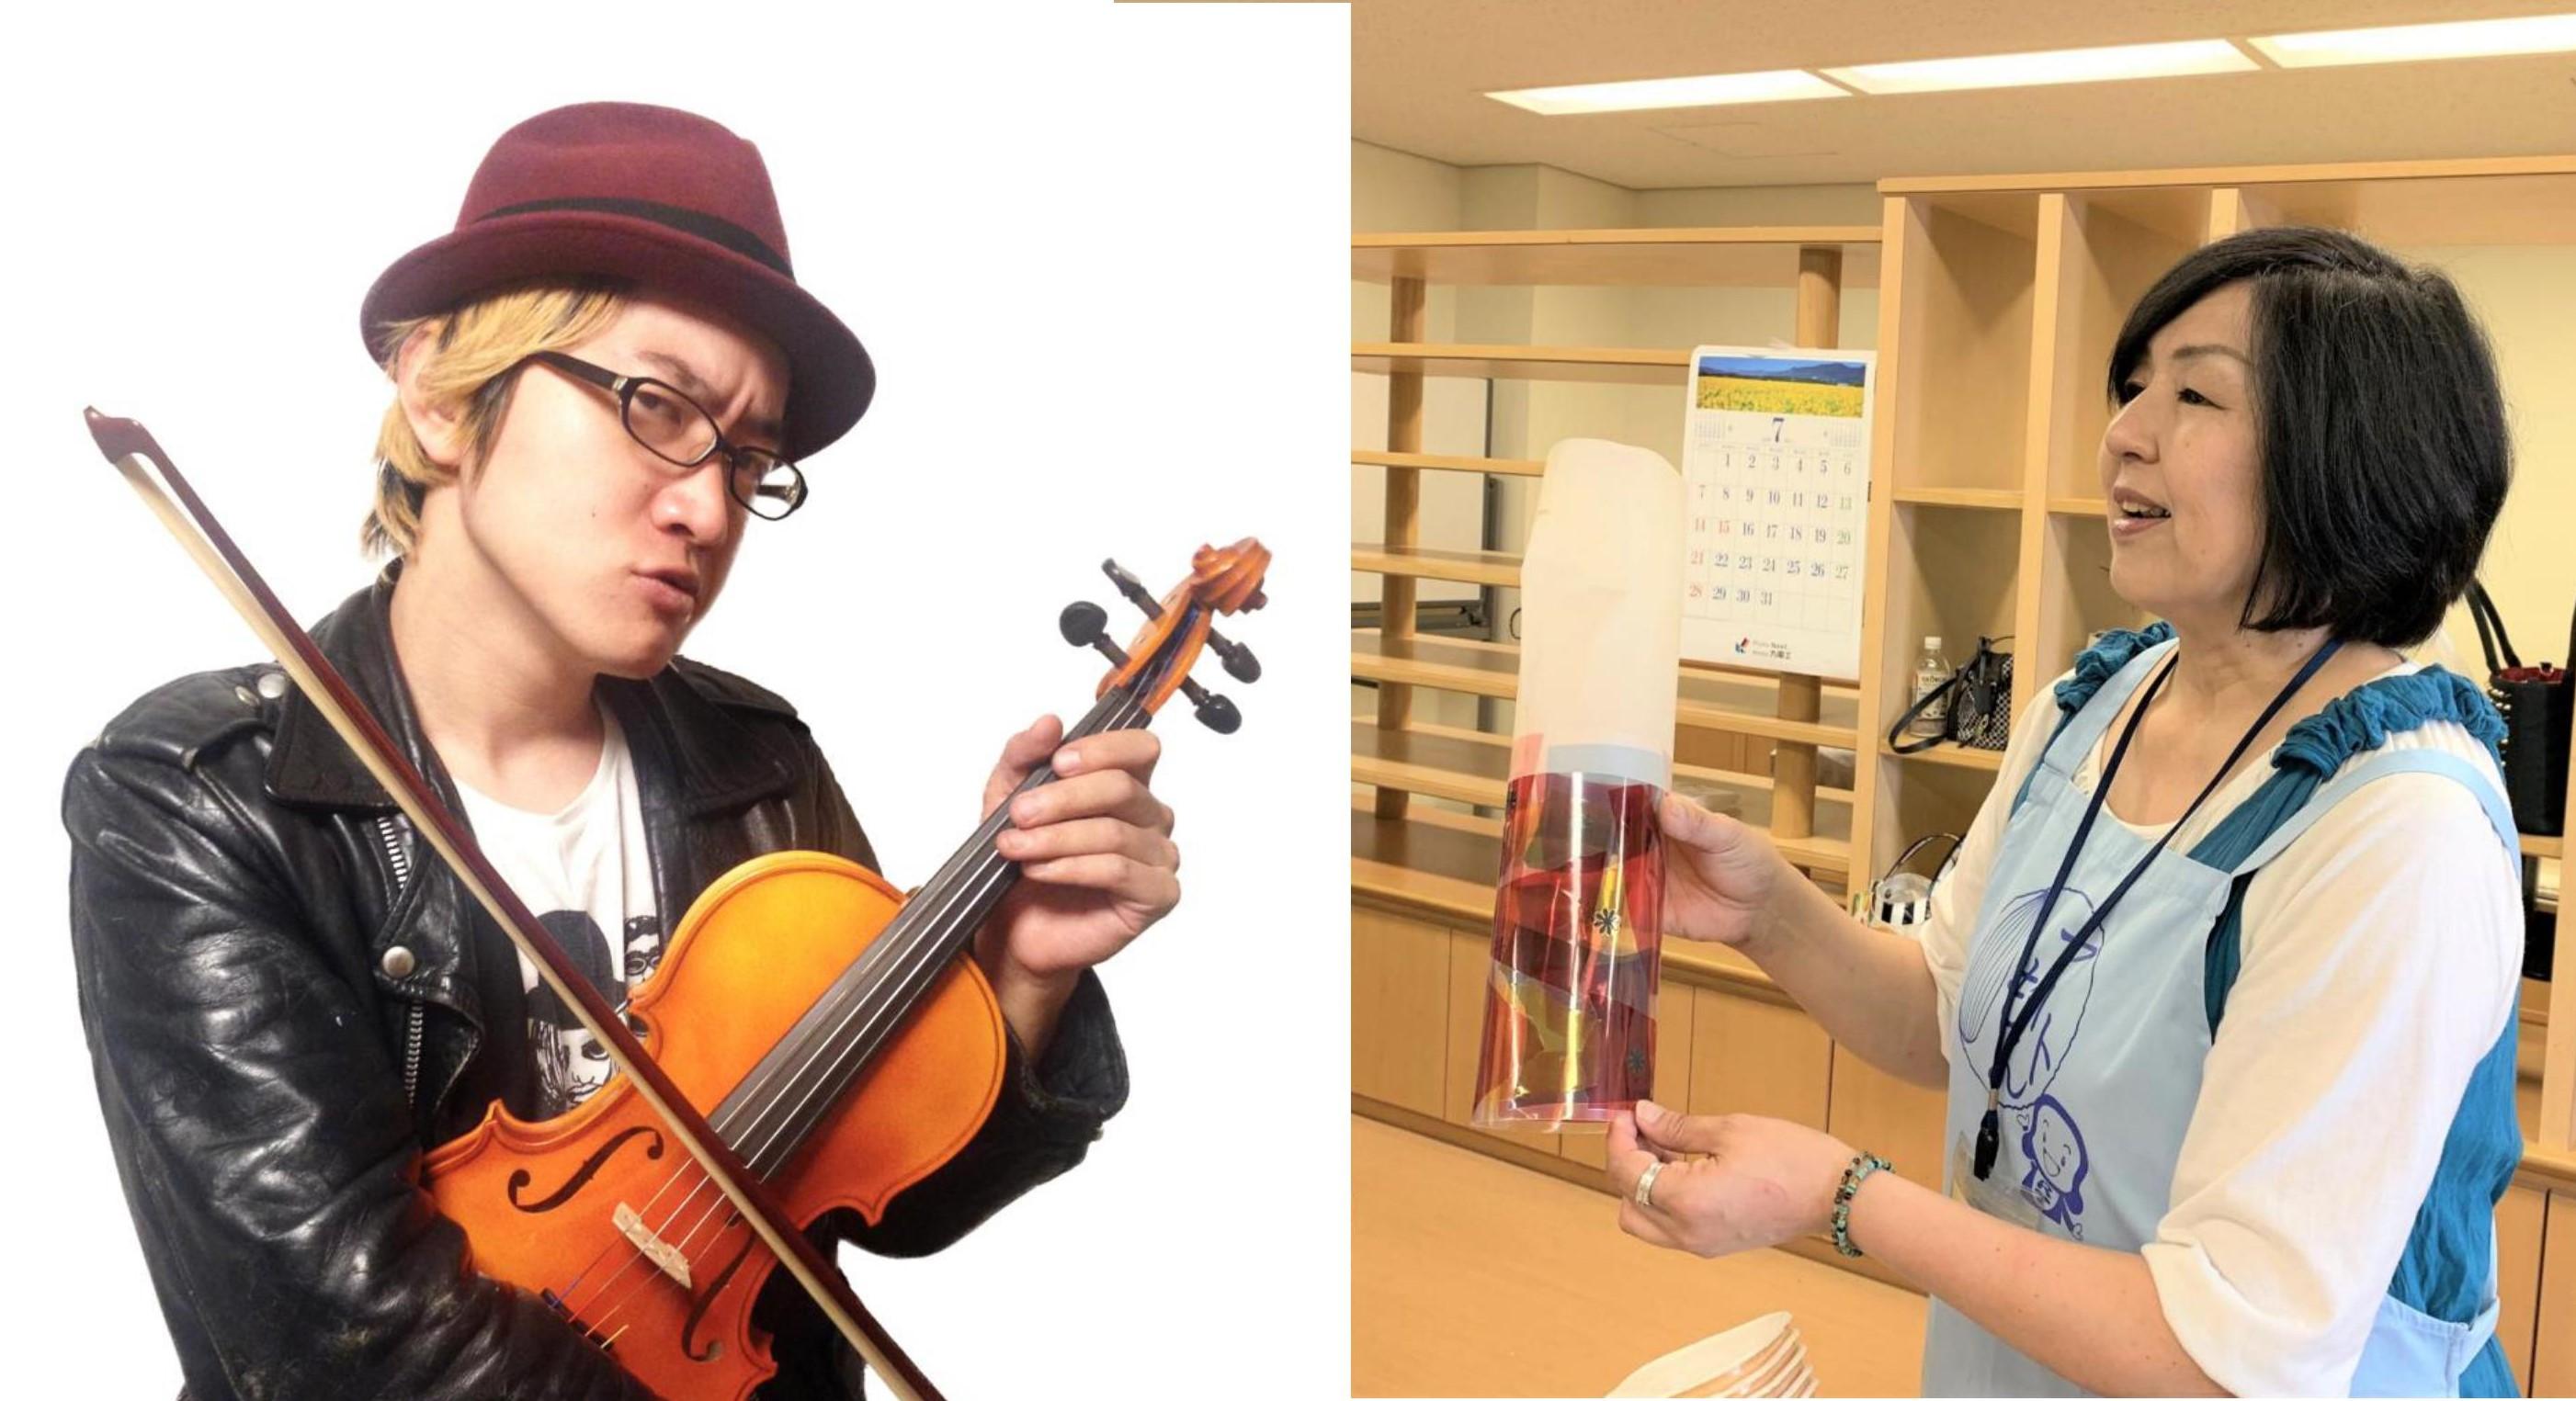 """「人や地域の可能性や喜びを『音楽・アート・デザイン』で掘り起こす起業家」(第26回PIPIT交流会)の写真です"""""""